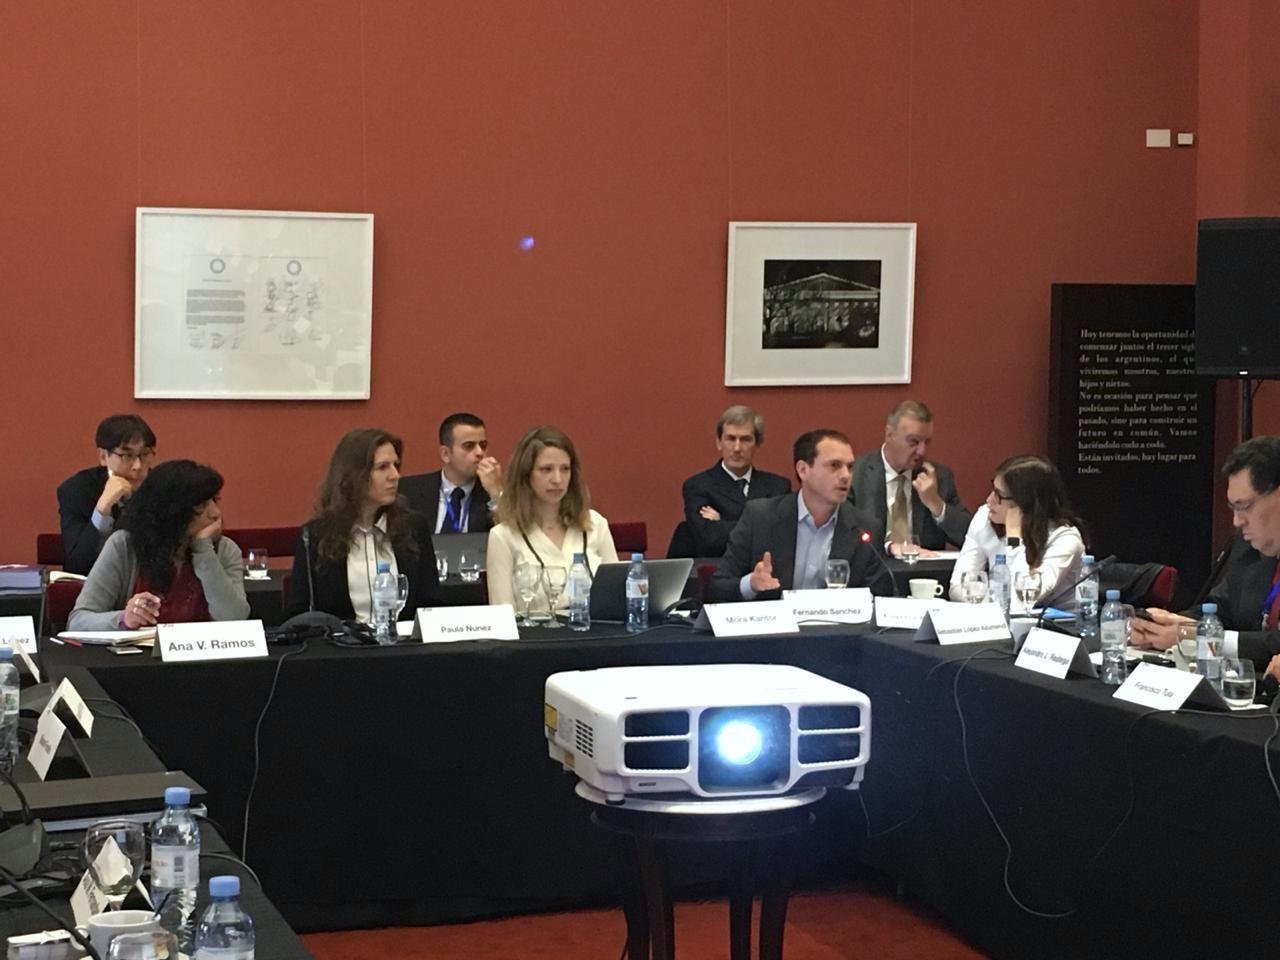 Panel donde participó Paula Nuñez (CIPPEC) en la VI Conferencia Internacional de la Red de Empresas Públicas, junto a representantes de distintas entidades estatales